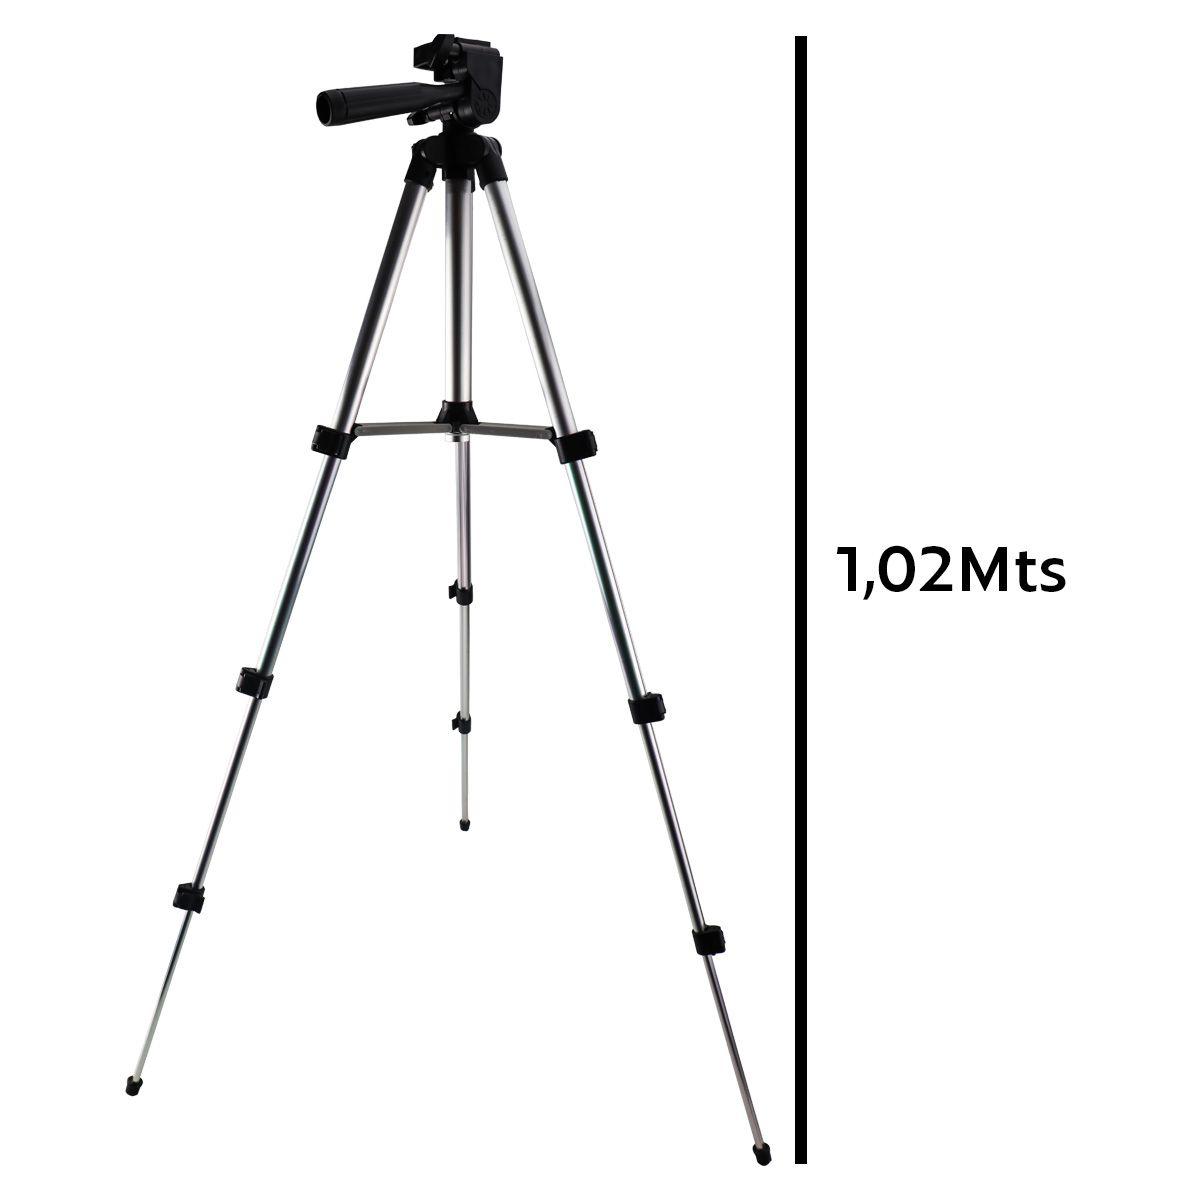 Tripé Para Câmeras Fotográficas e Smartphones C/ 4 Hastes de Alumínio Tripod JF-3110